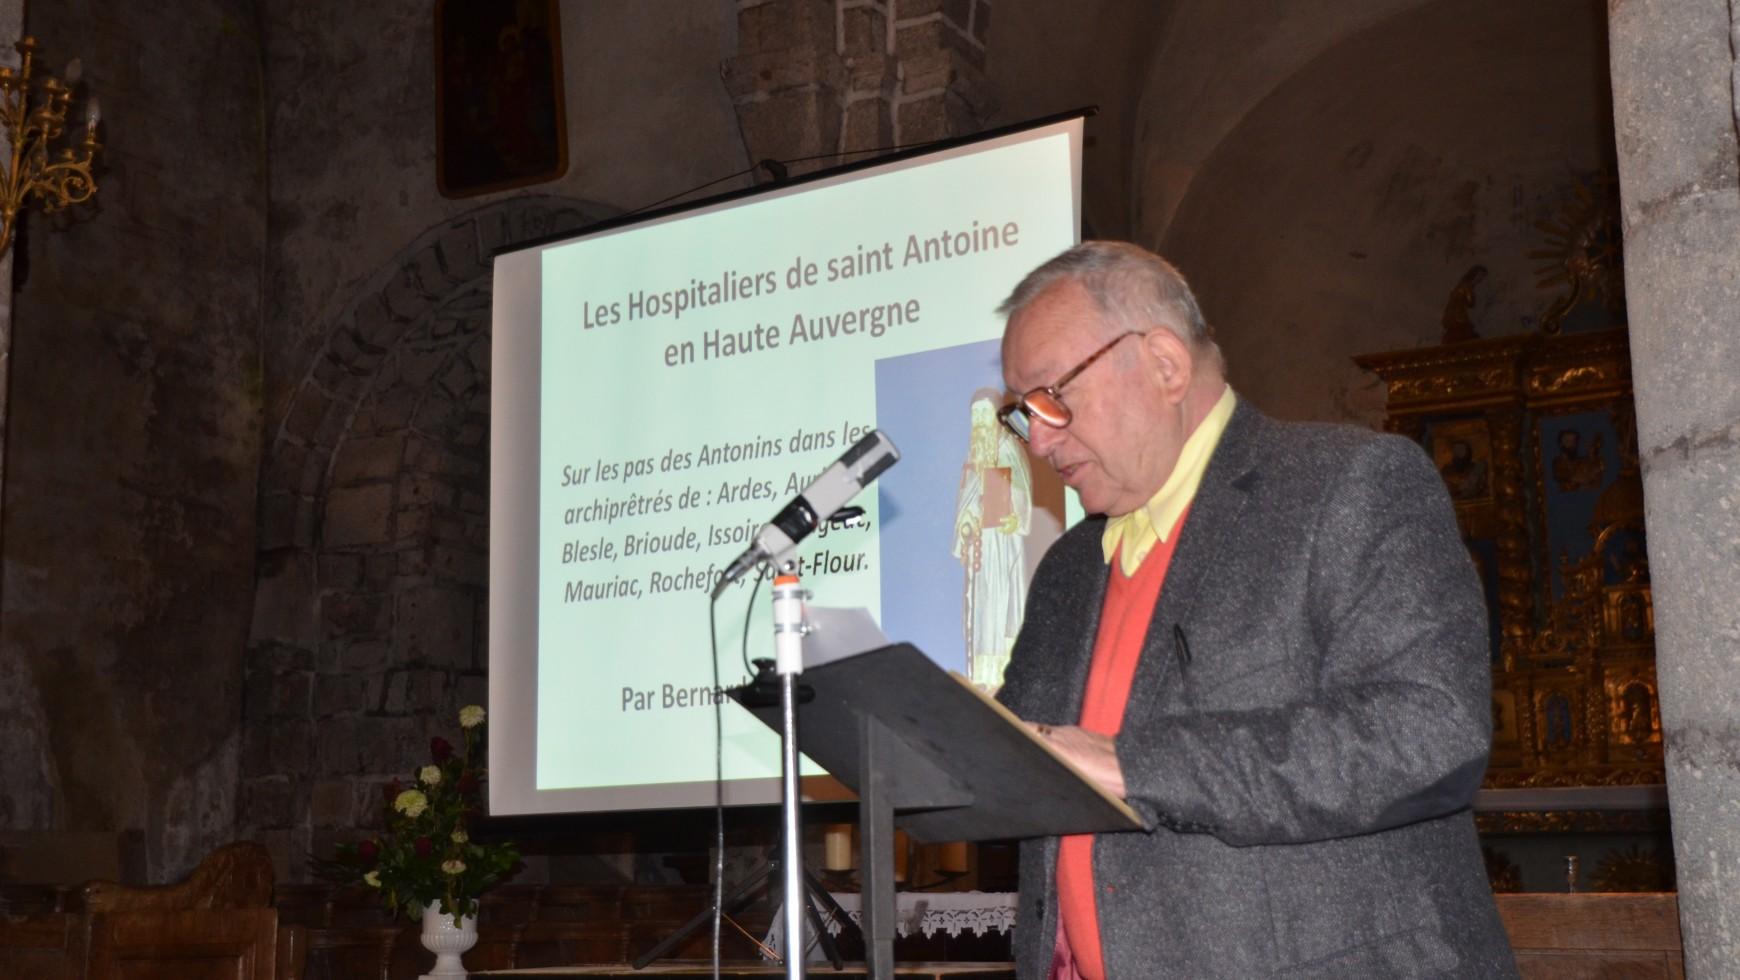 Sortie du livre sur «les Hospitaliers de Saint Antoine en Haute Auvergne»